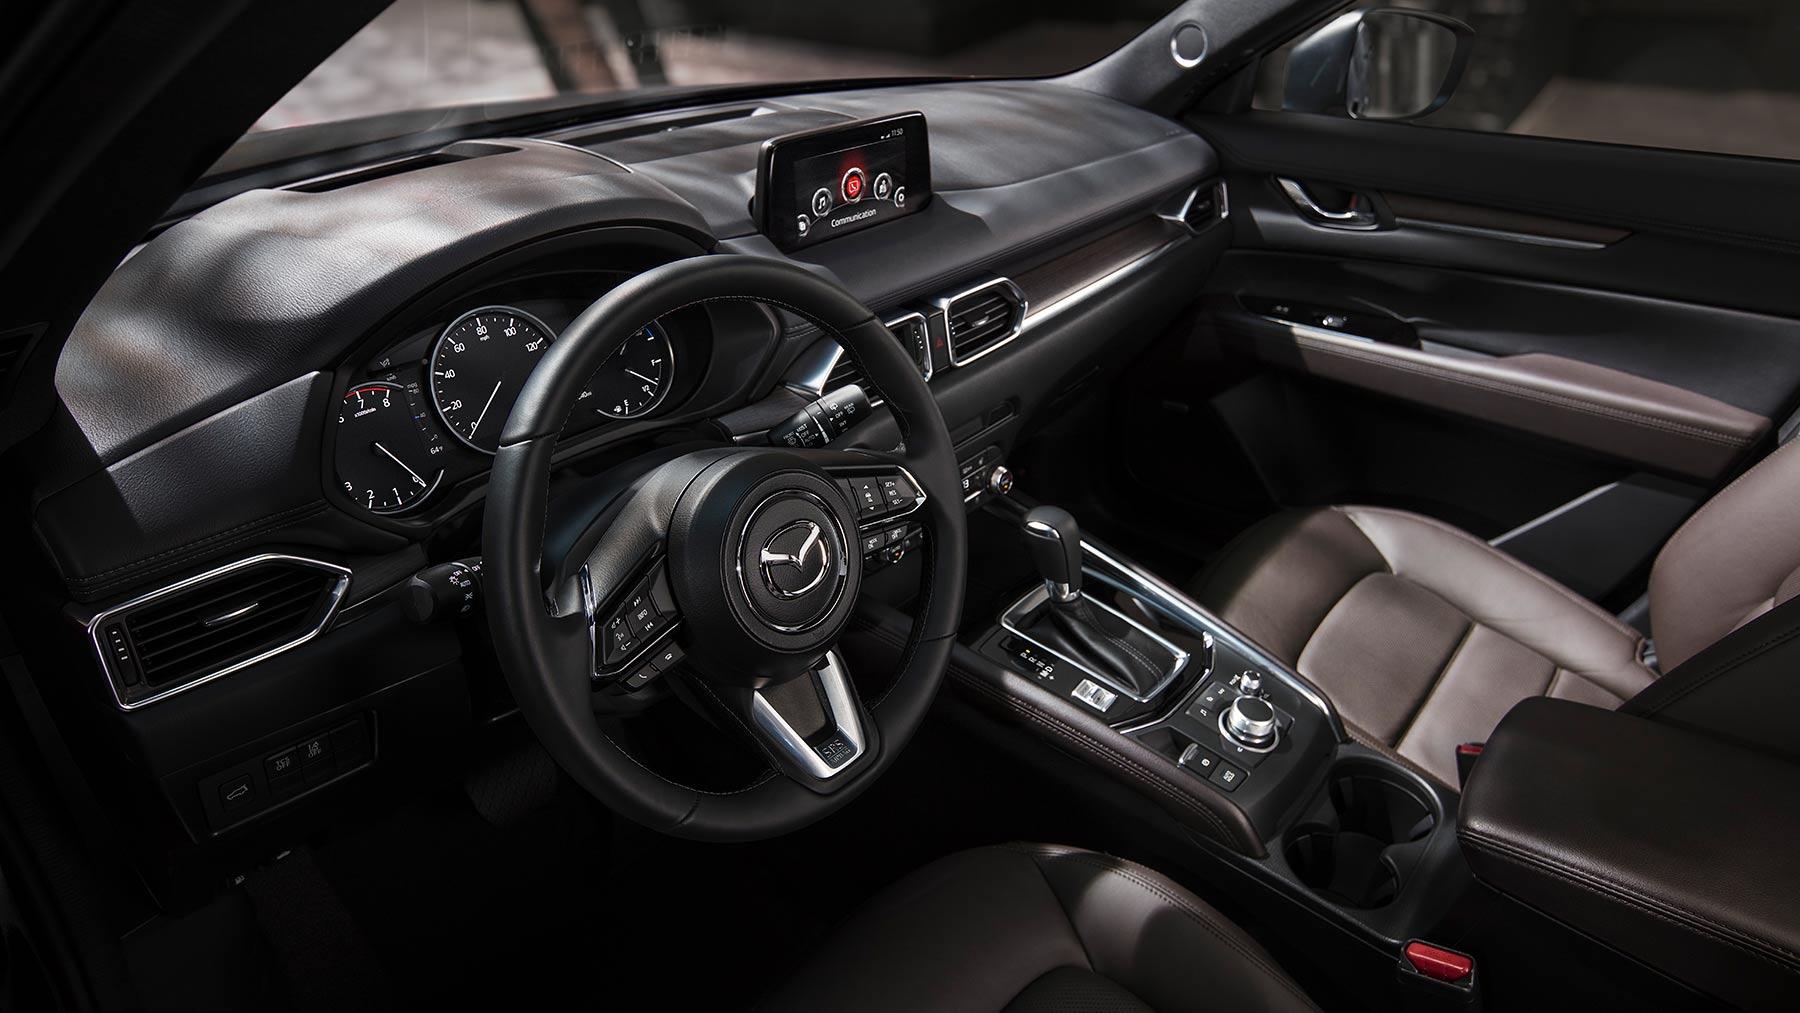 2019 Mazda CX-5 Cockpit